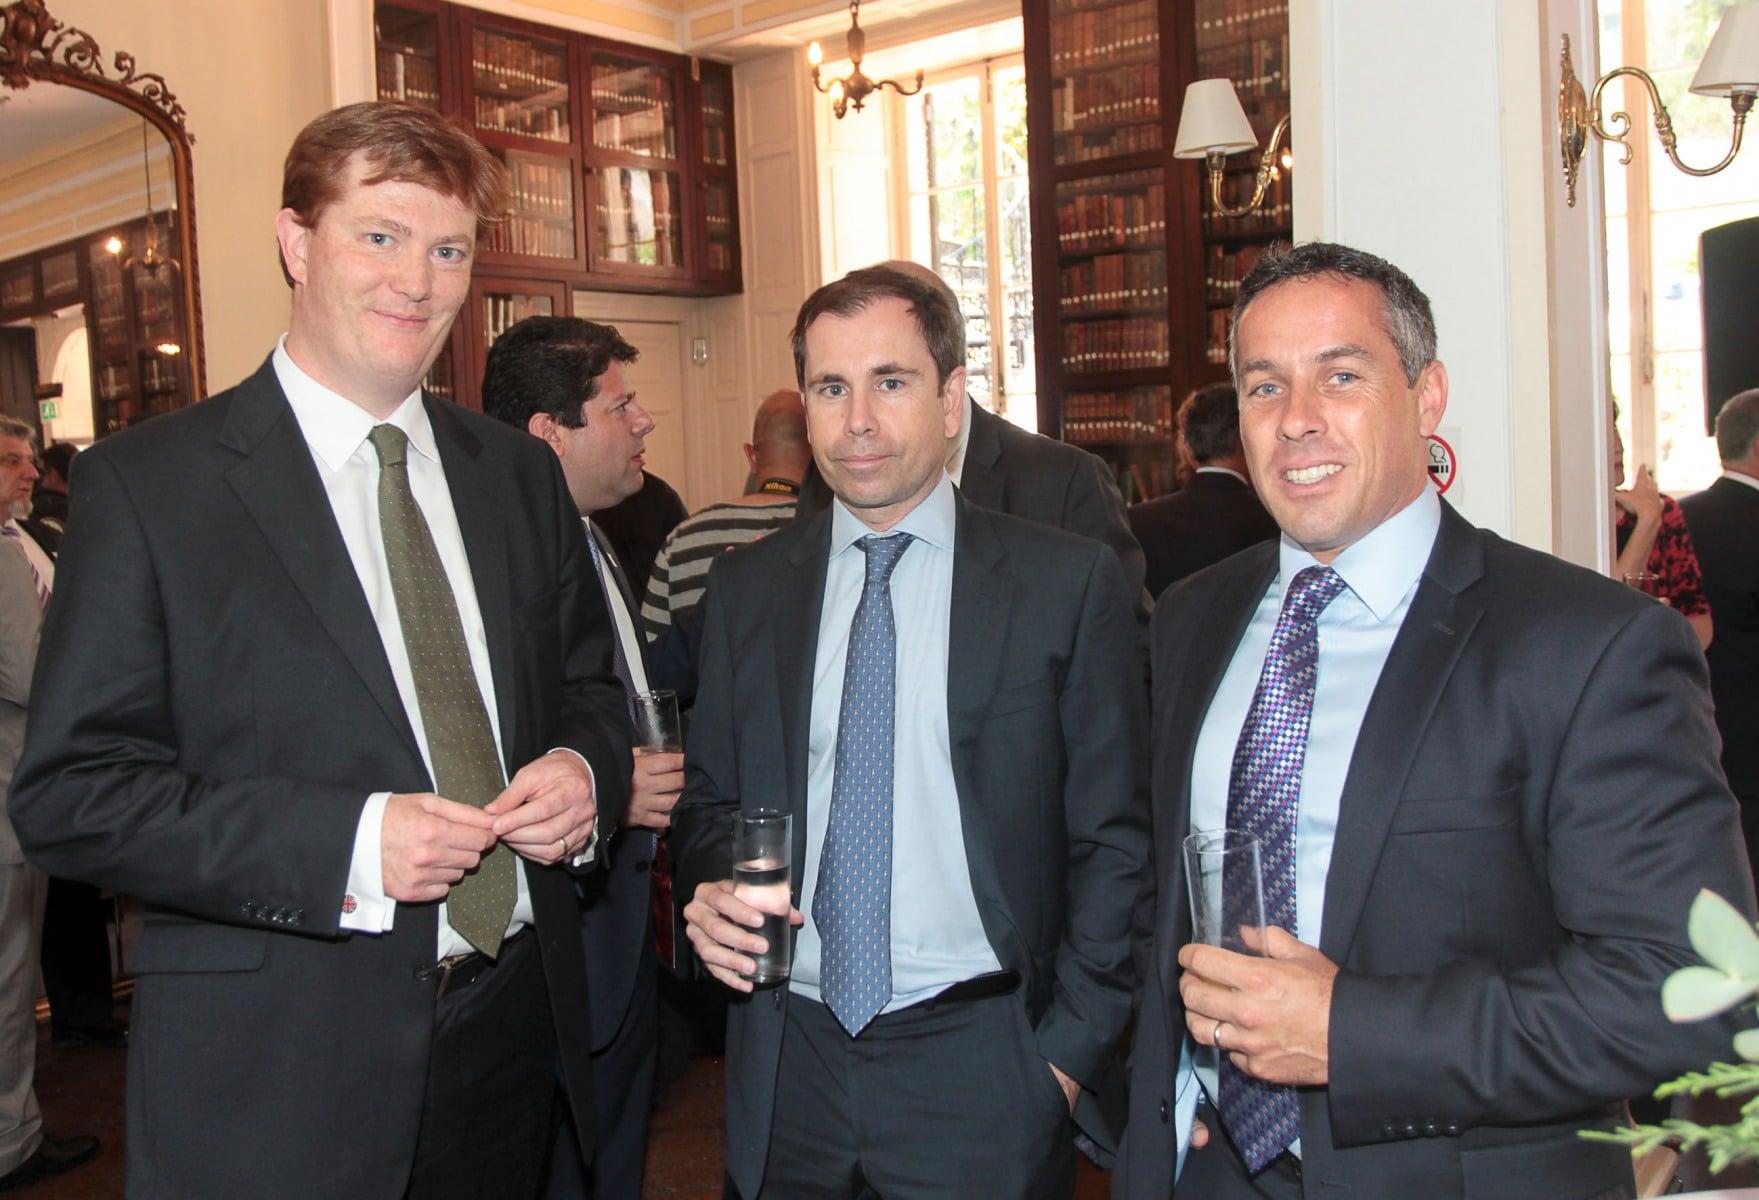 9-mayo-2014-visita-a-gibraltar-del-secretario-de-estado-britnico-daniel-alexander-con-ocasin-del-da-de-europa_13981602807_o